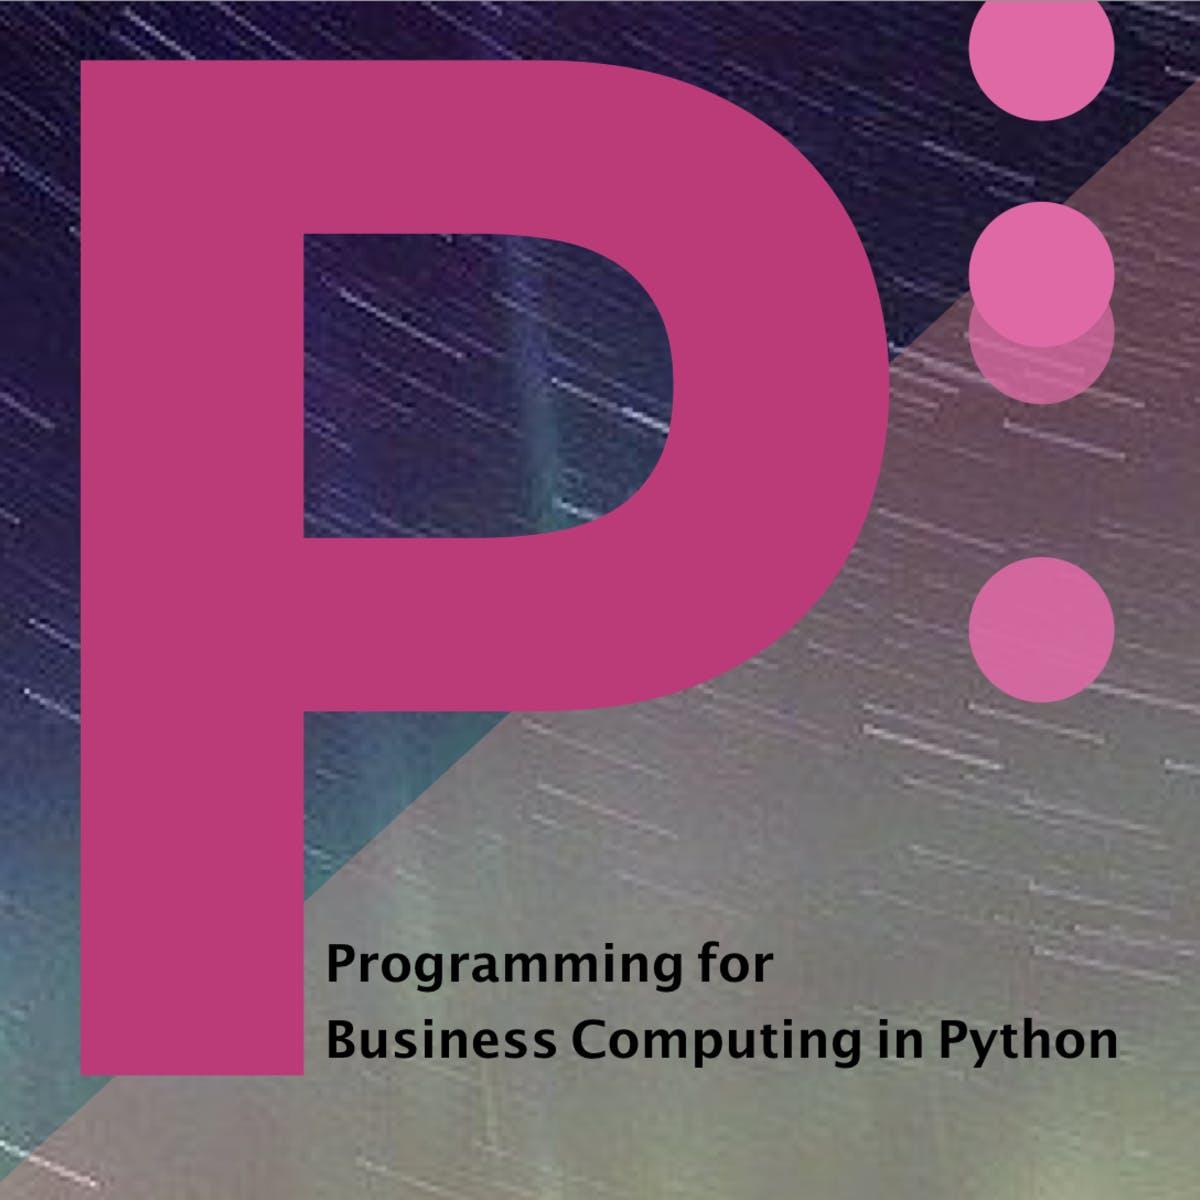 用 Python 做商管程式設計(二)(Programming for Business Computing in Python (2))